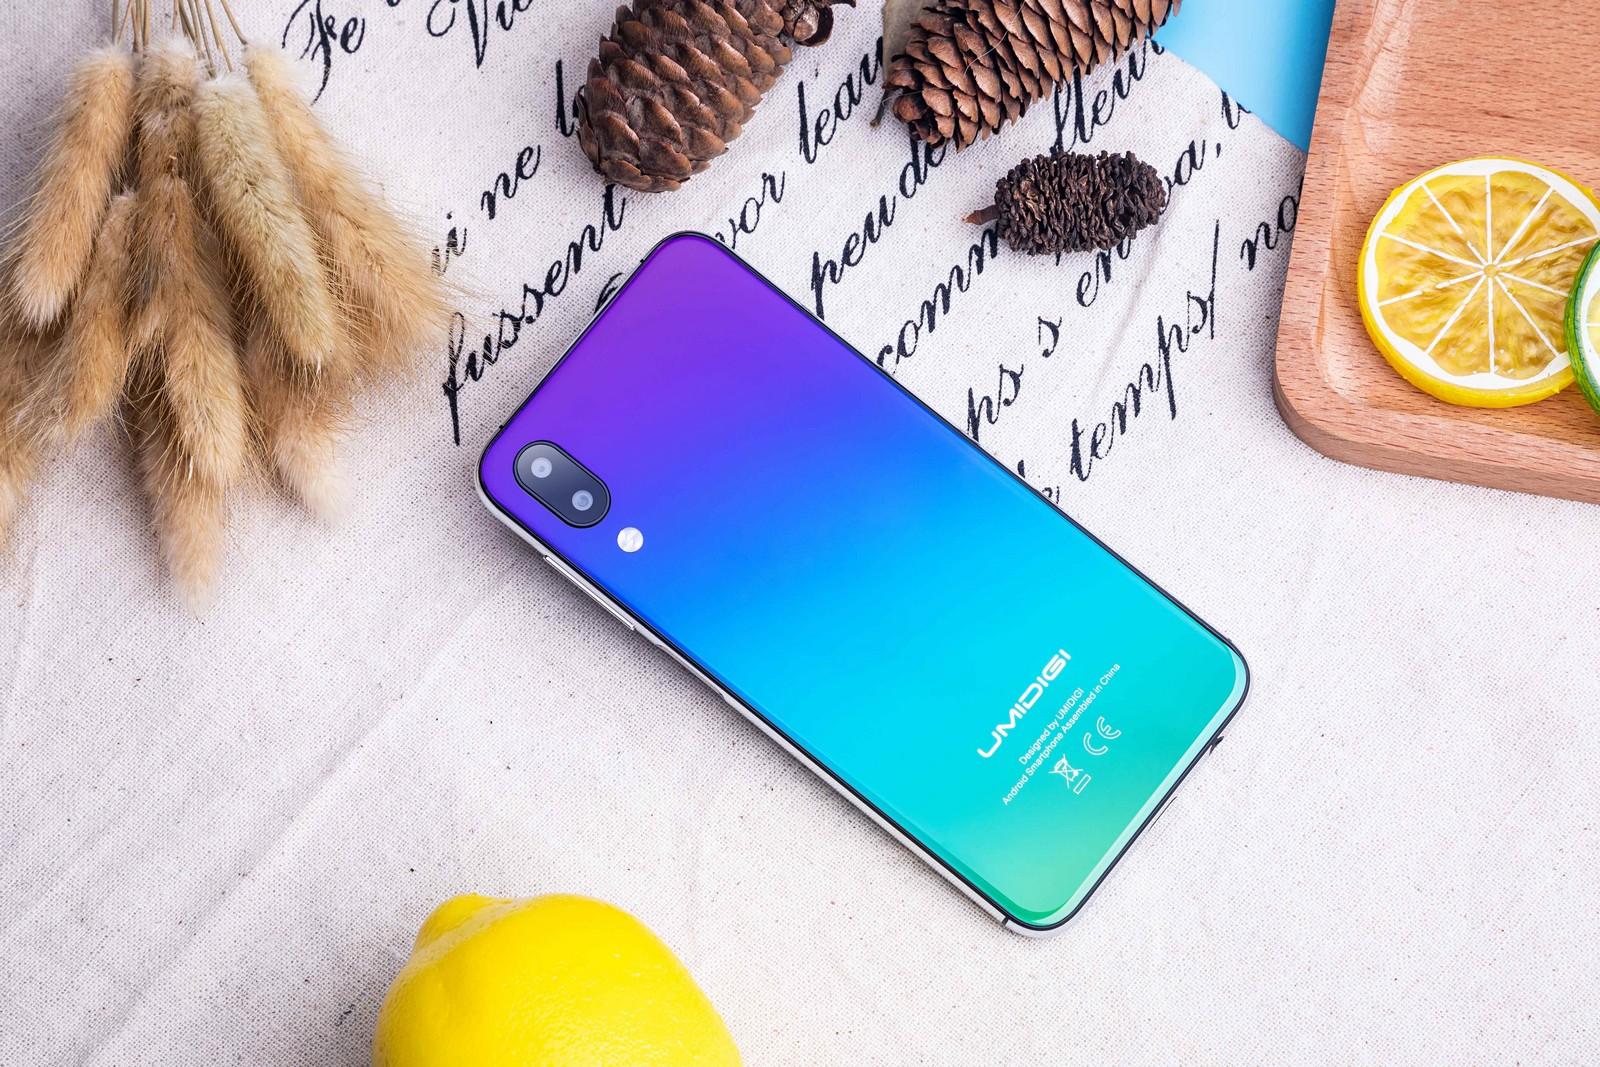 самые дешевые смартфоны с монобровью